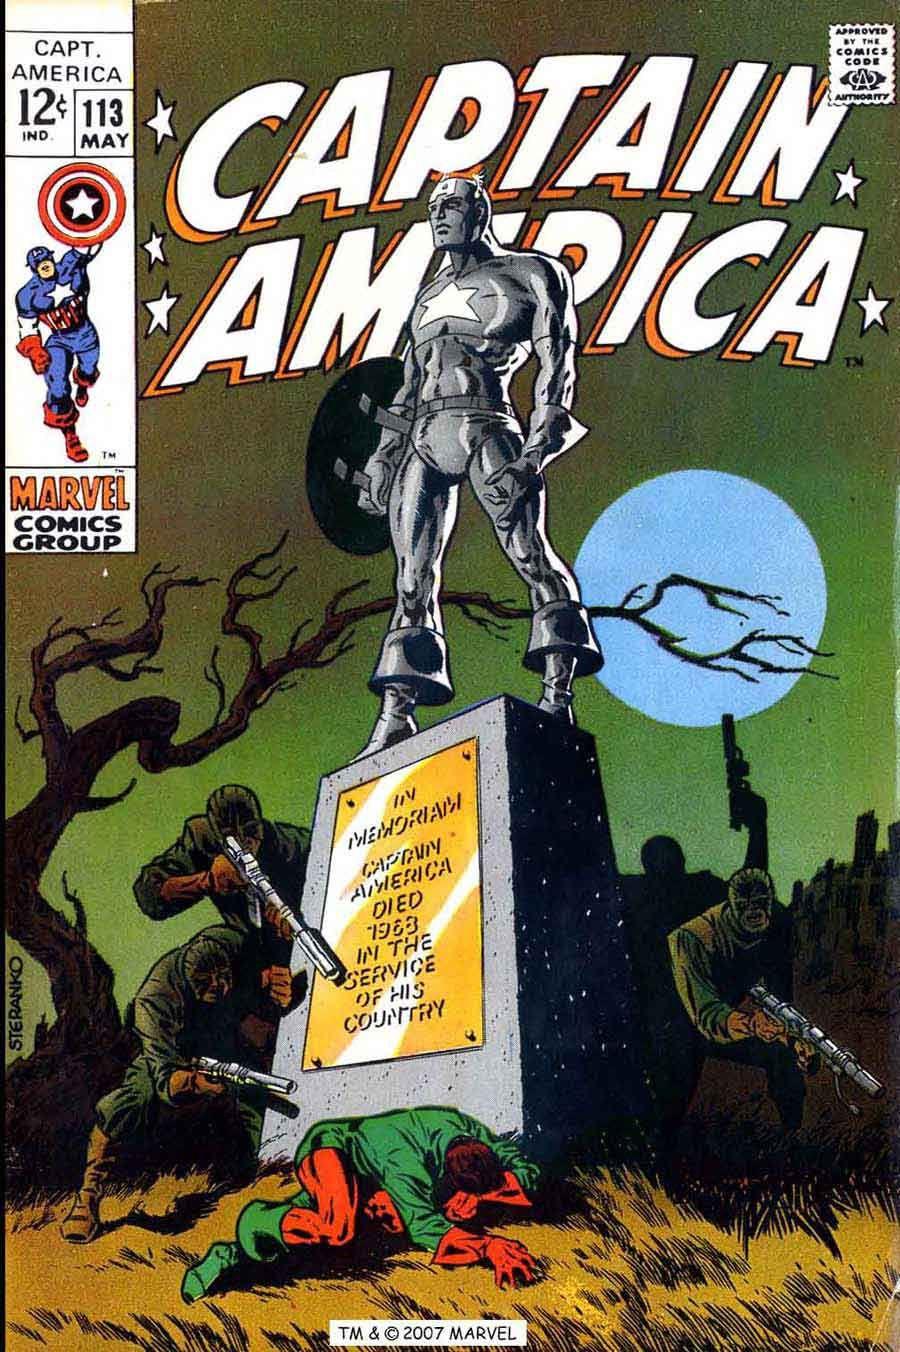 Captain America 113 - Steranko | Comics | 1960s | Comic